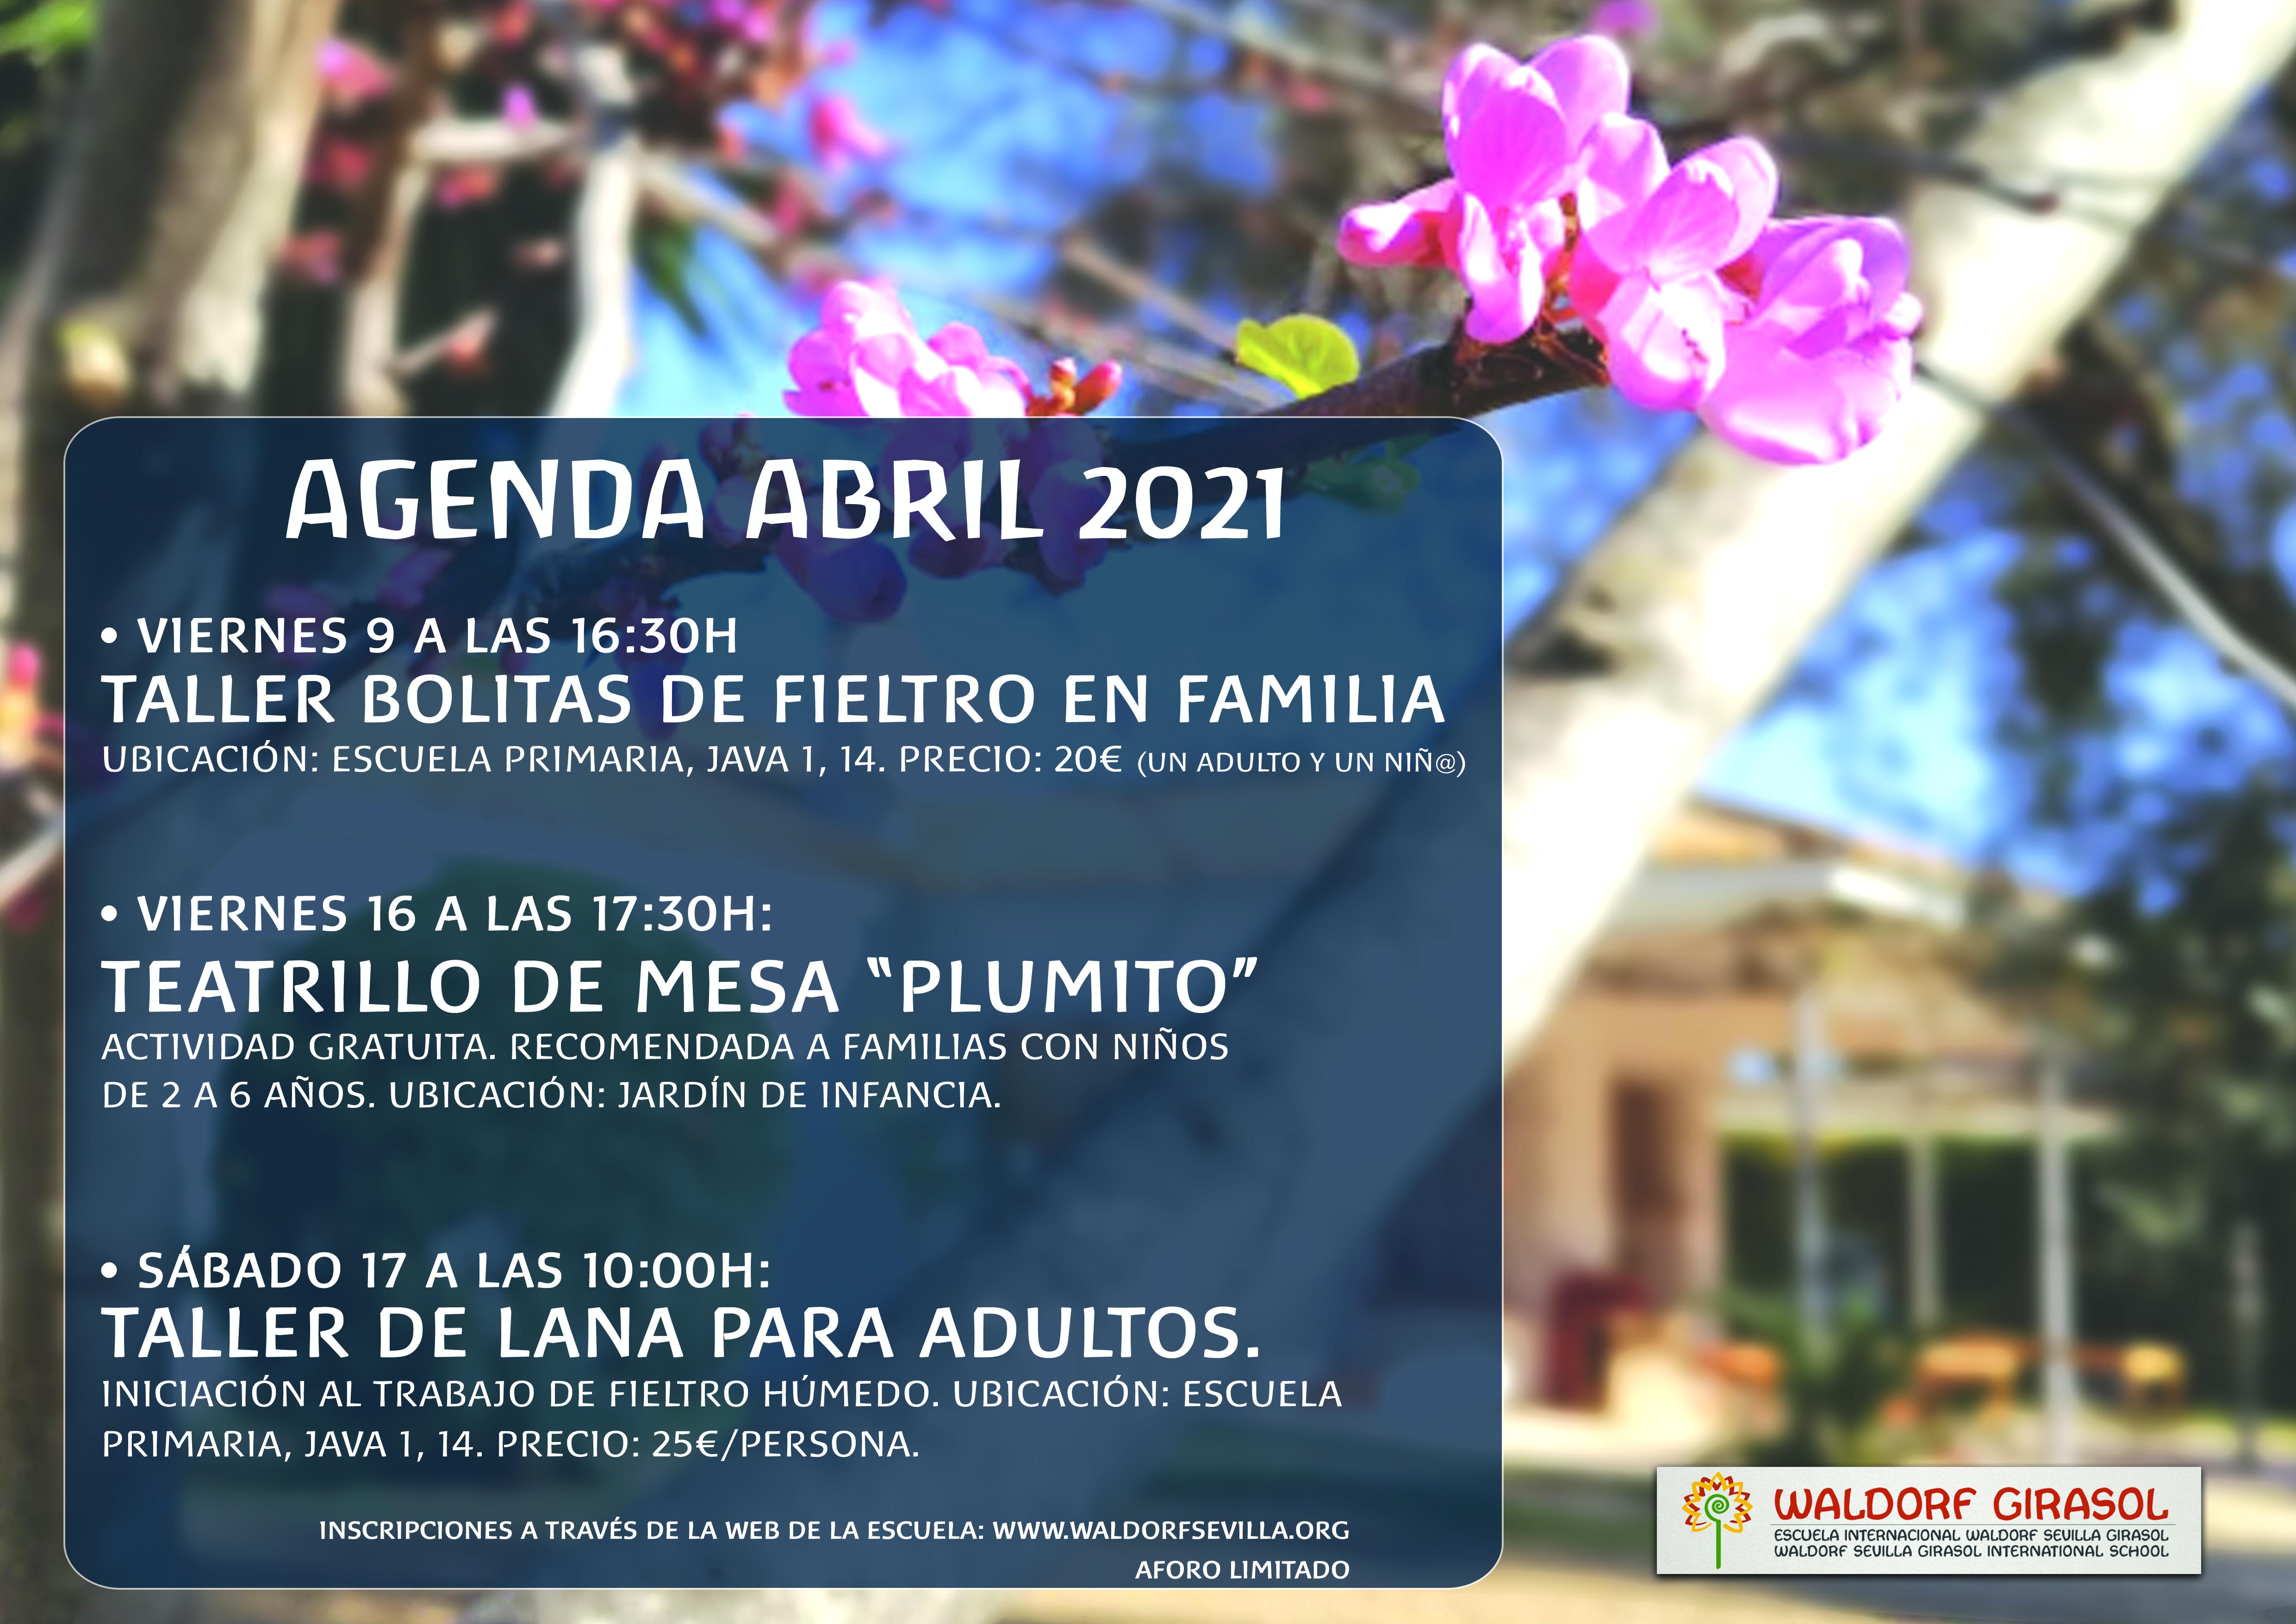 Agenda Abril 2021